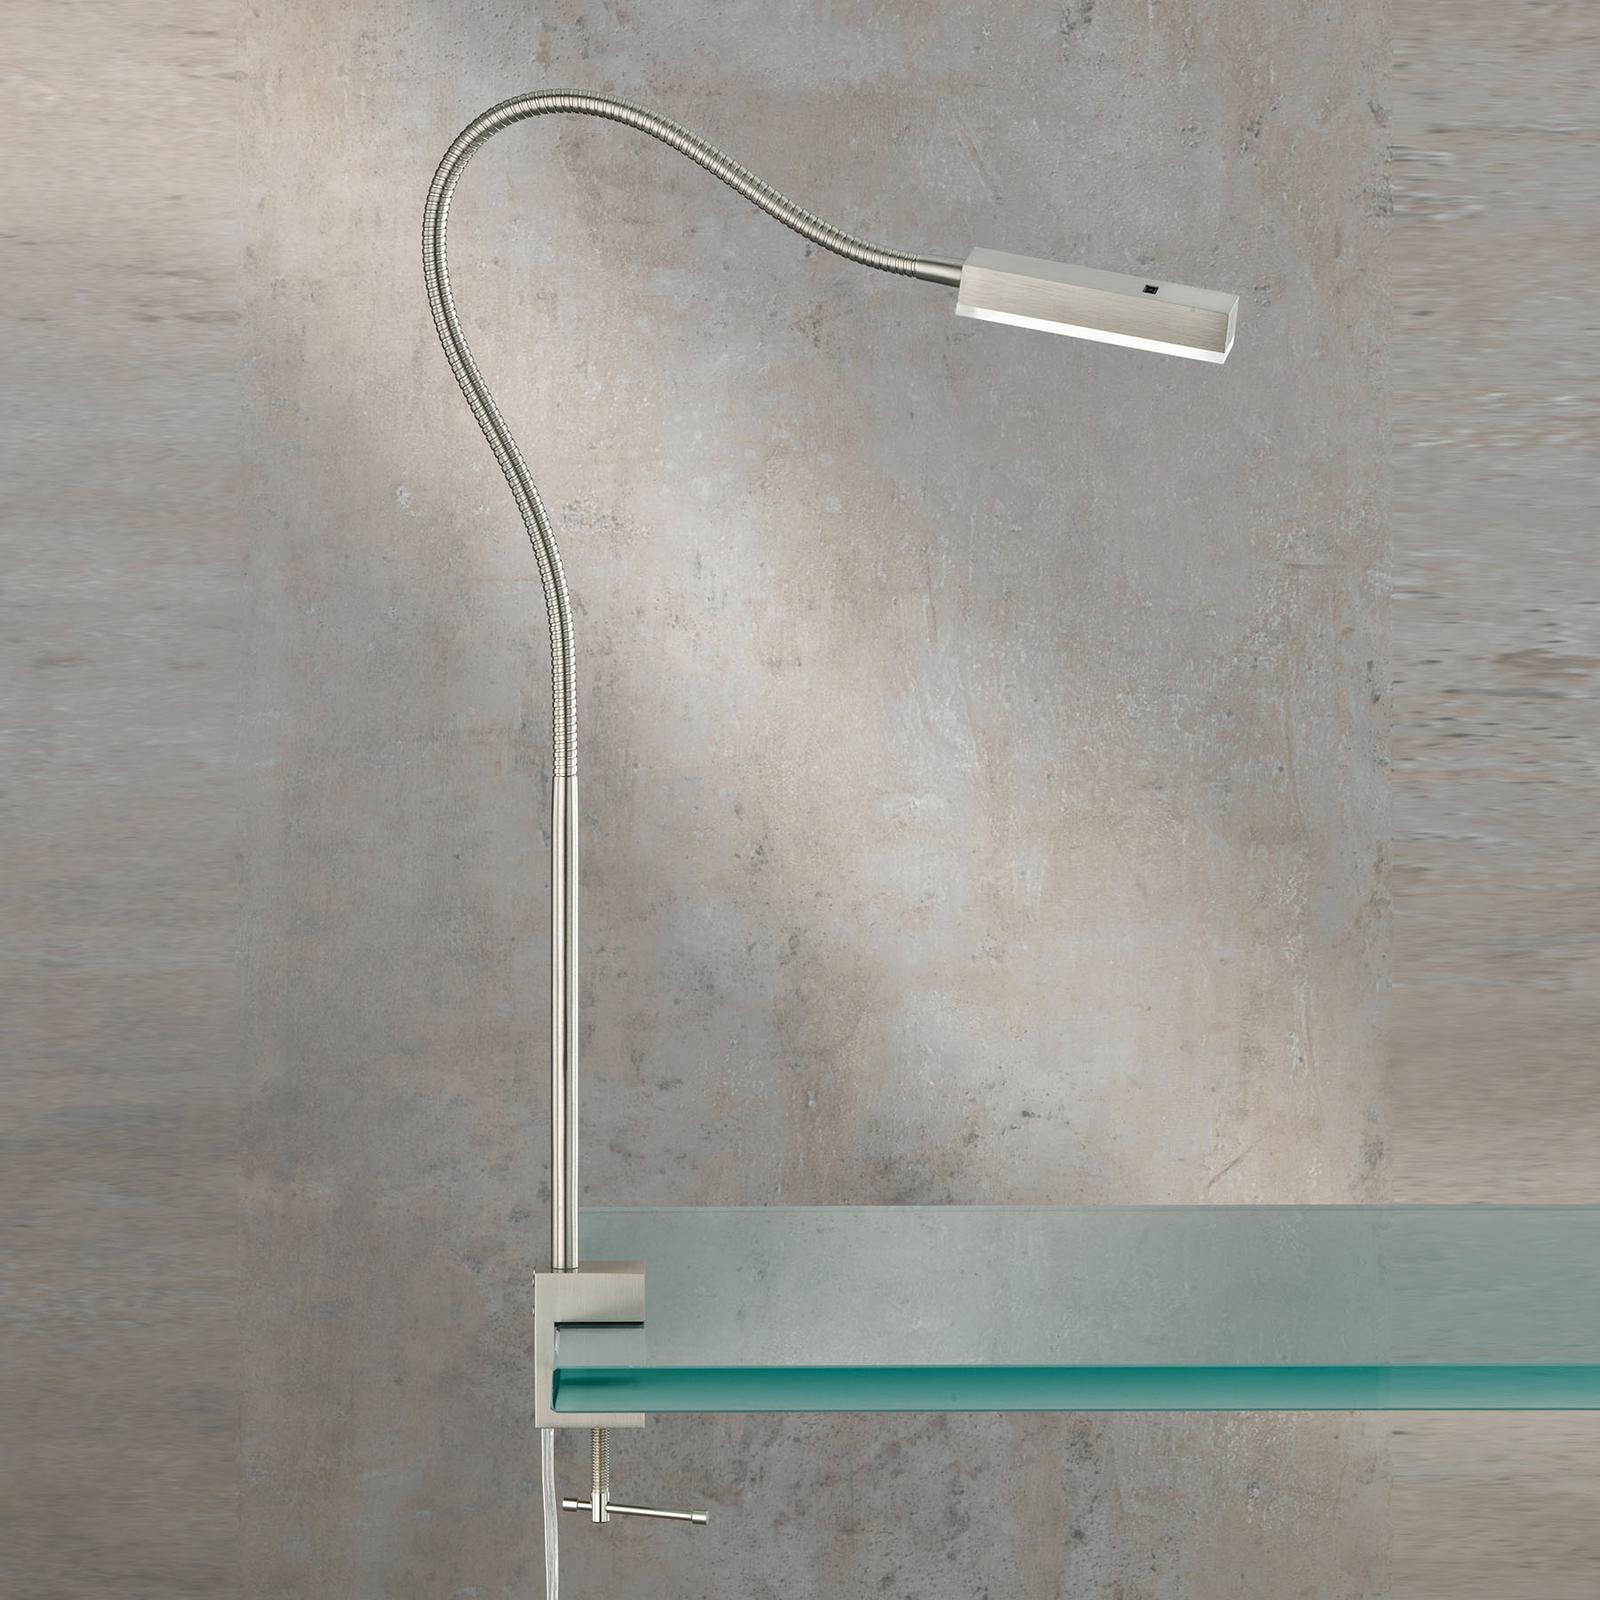 Lampa z klipsem LED Raik sterowanie gestami, 60 cm